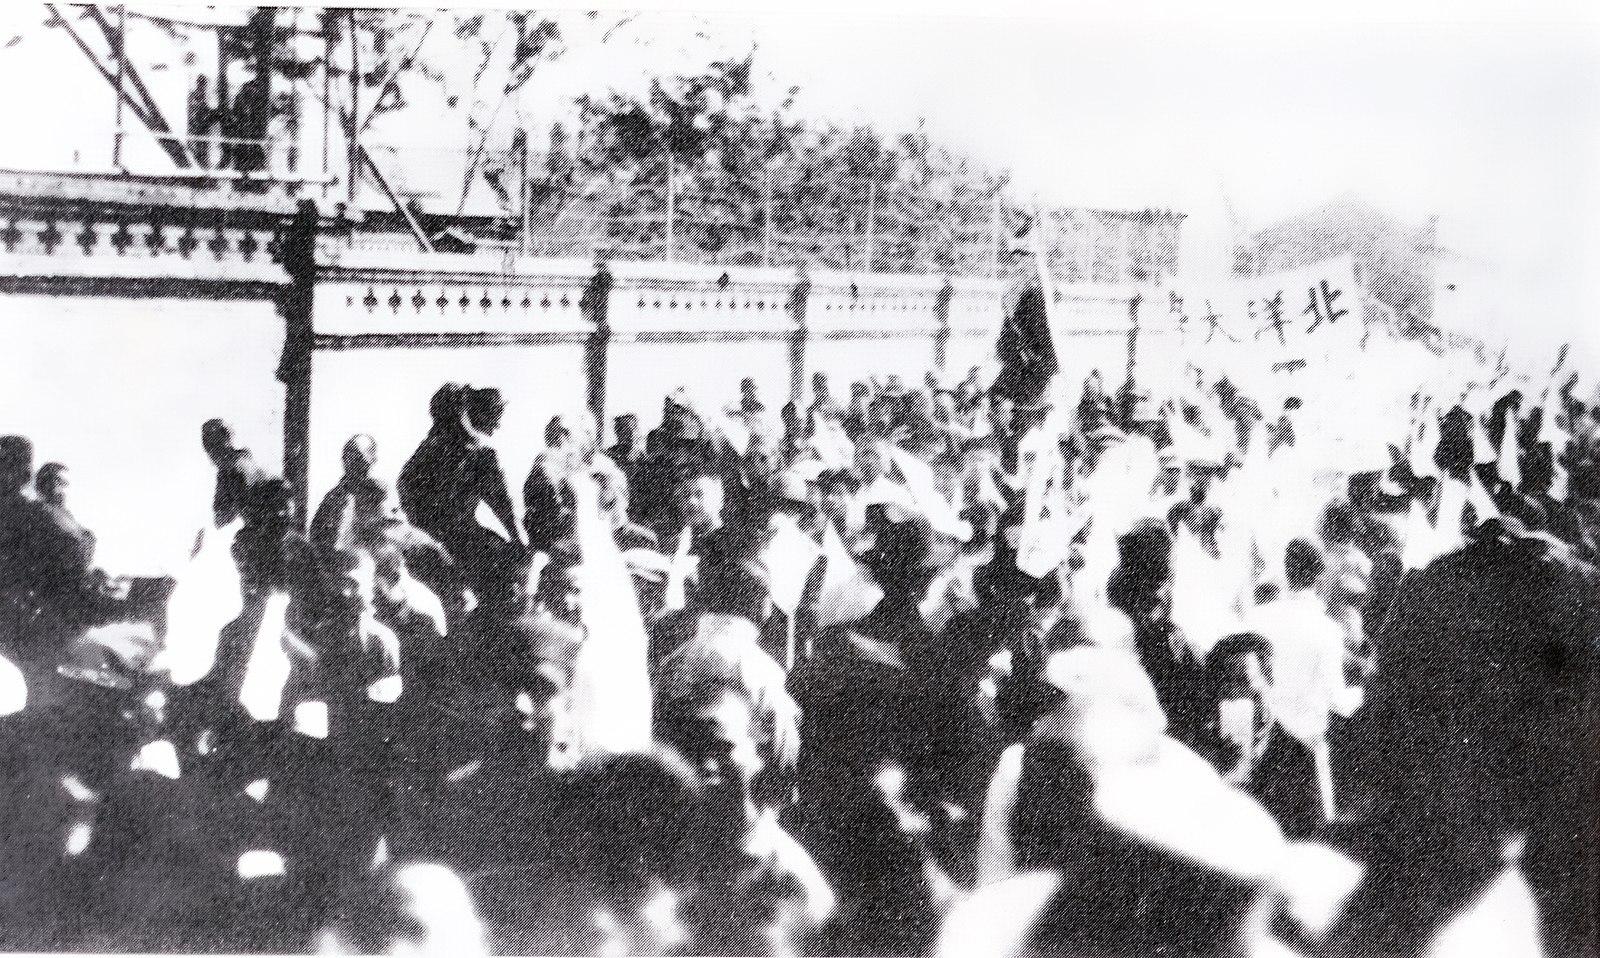 五四運動激化了中國的青年和工人,使他們中的許多人走向了俄國革命和馬克思主義的理念,從而為謝雪紅與十月革命思想的相遇創造了條件。 //圖片:公共領域